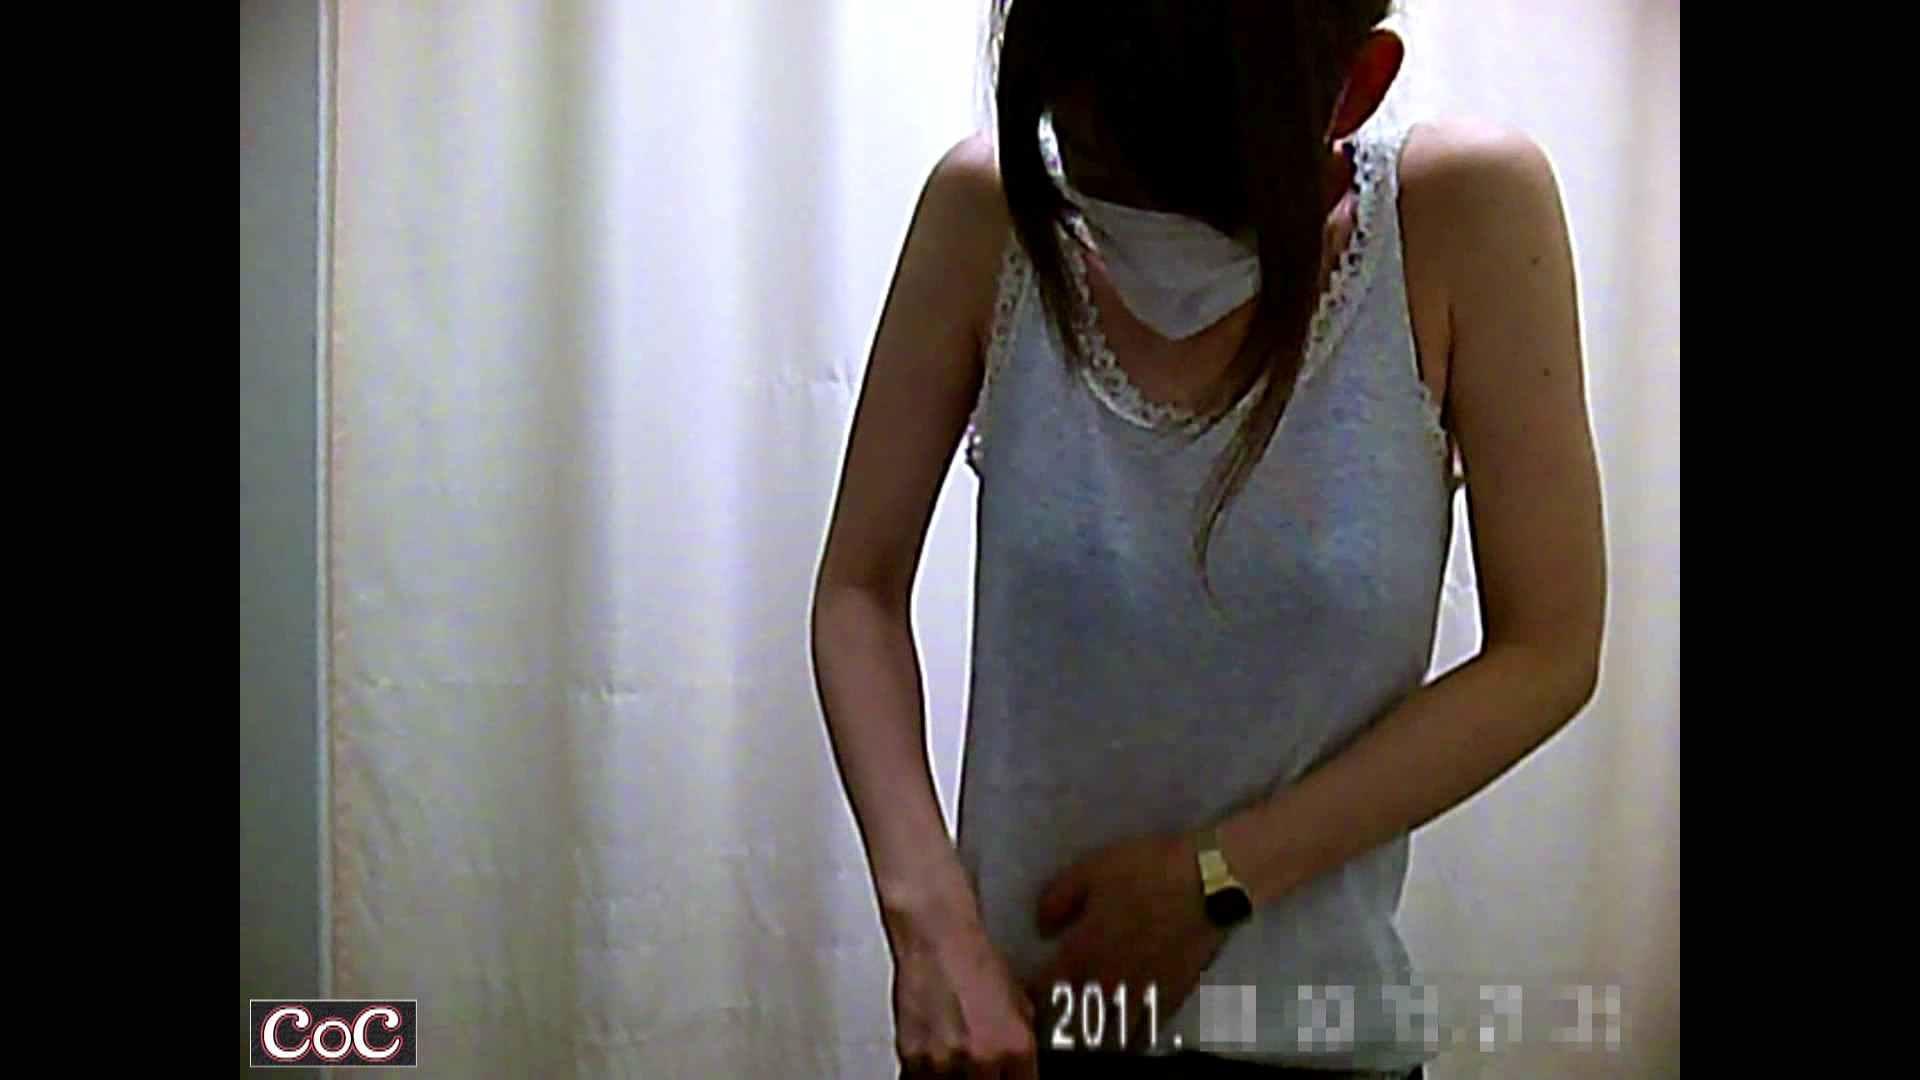 病院おもいっきり着替え! vol.09 OLの実態 盗み撮りAV無料動画キャプチャ 89pic 16